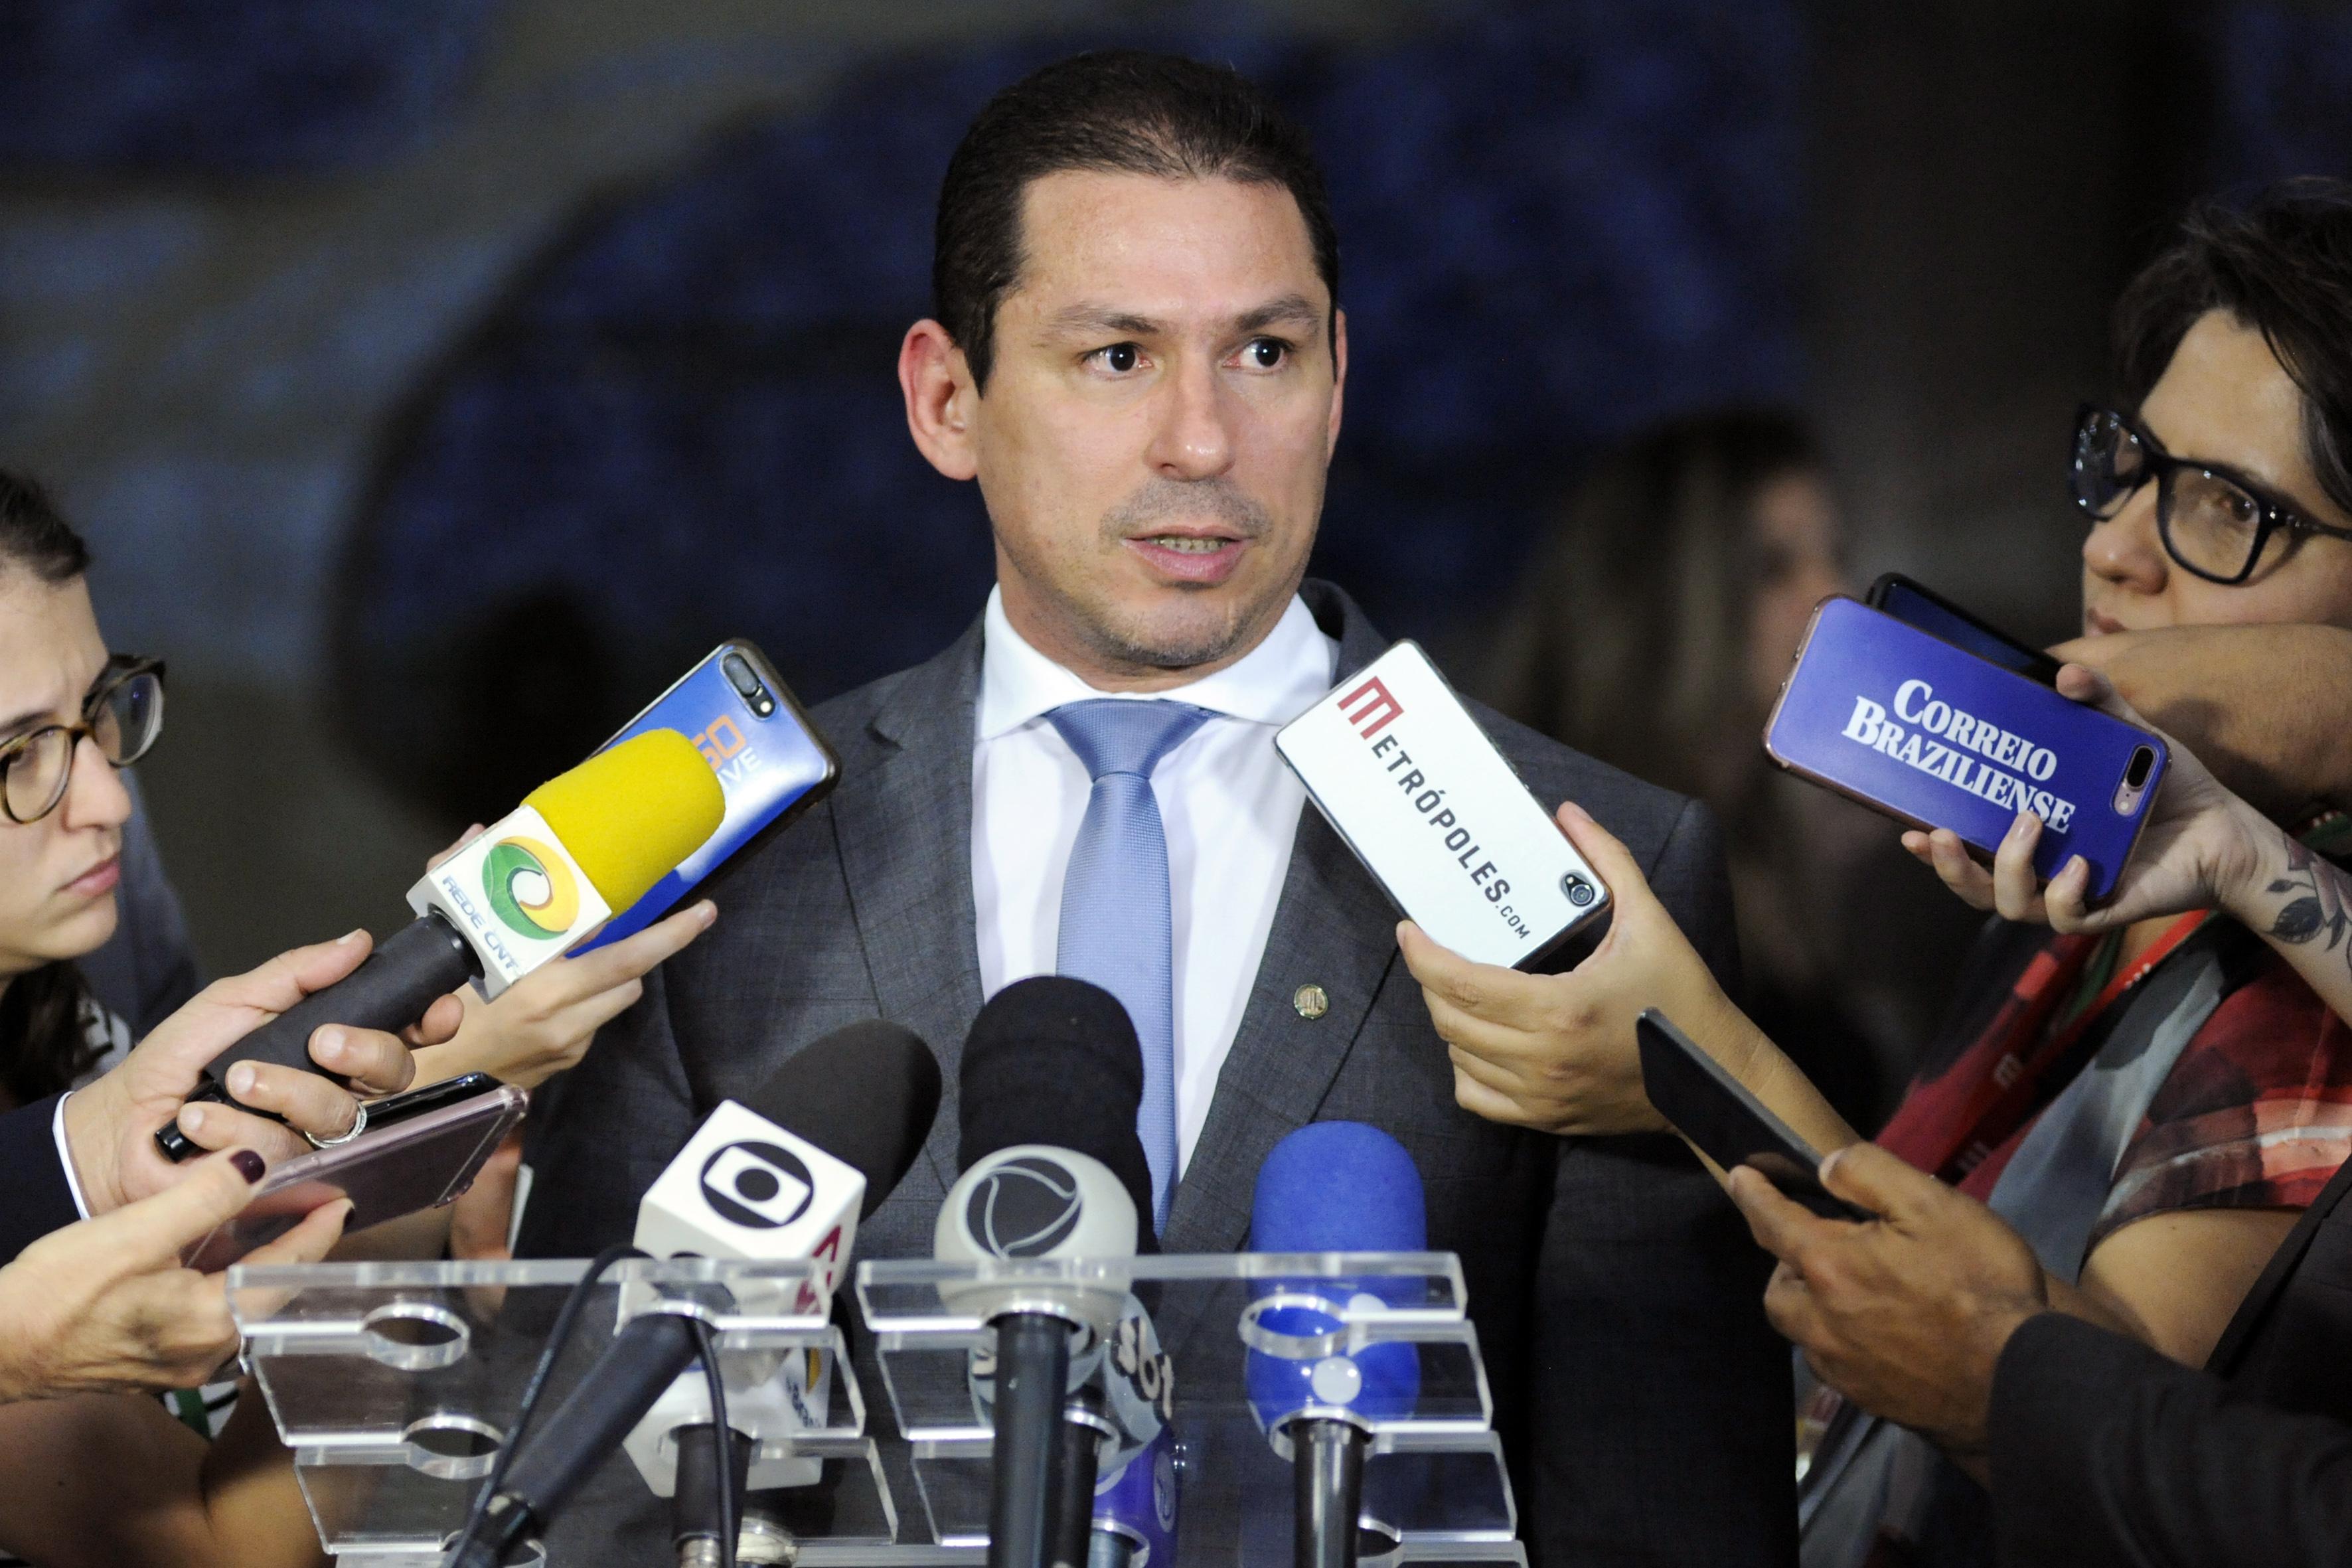 roteiro para análise da reforma da Previdência - Presidente da Comissão Especial da PEC da Previdência na Câmara, dep. Marcelo Ramos (PR - AM)